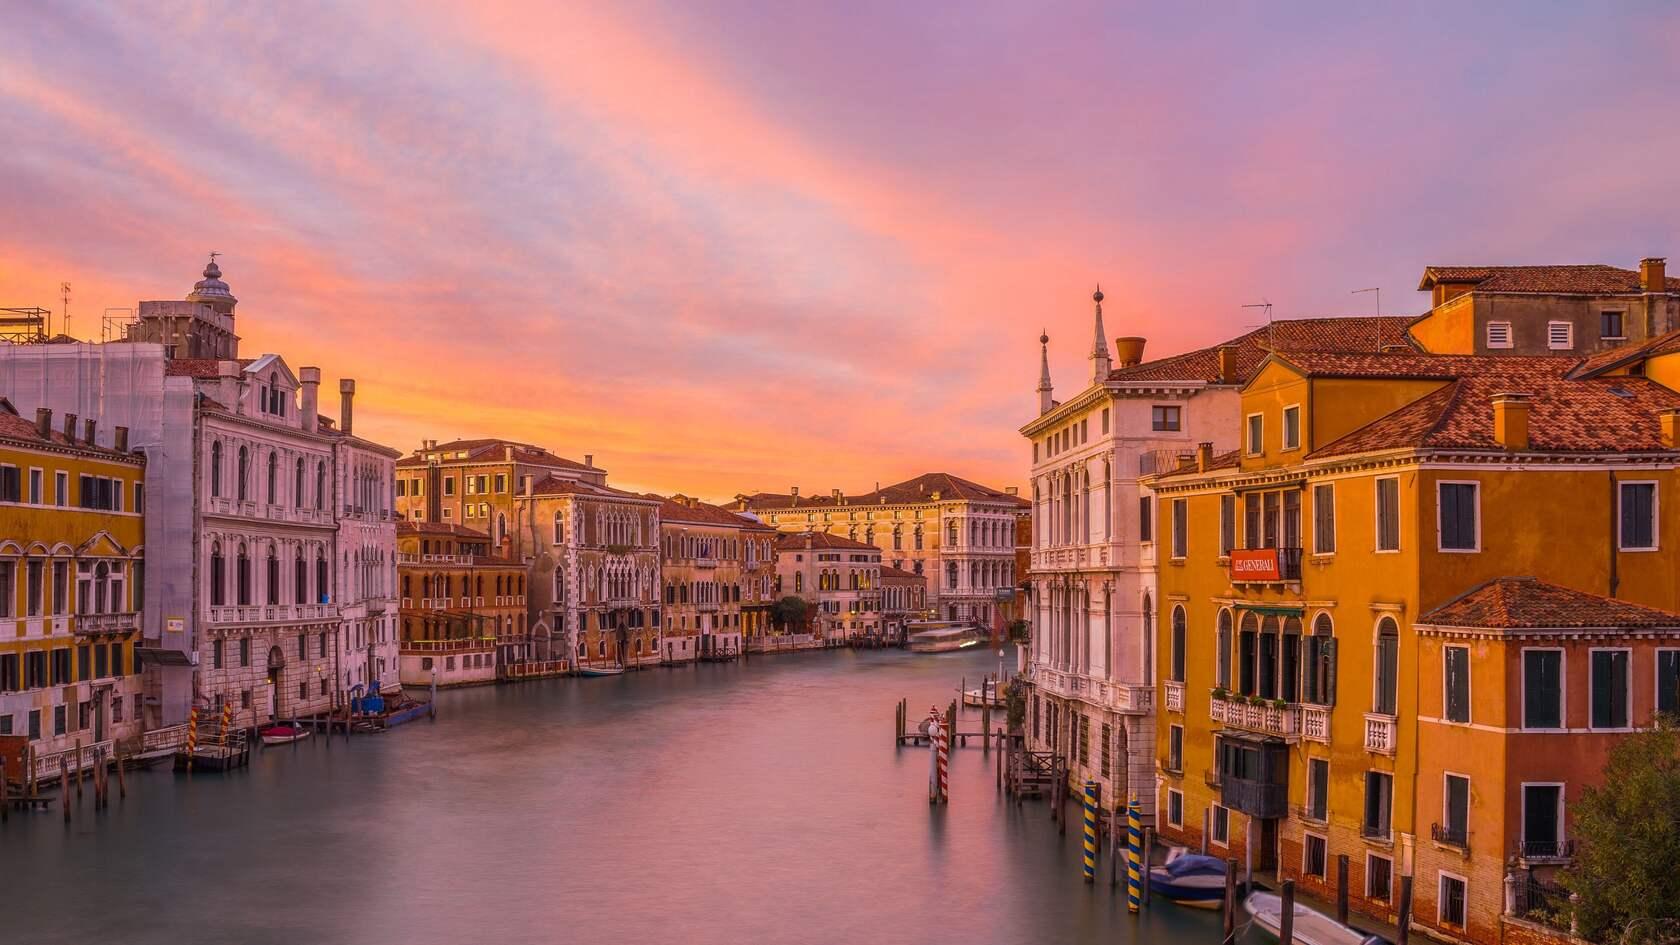 黄昏下的威尼斯,运河,渠道,沿河建筑唯美高清4k壁纸图片第1张图片